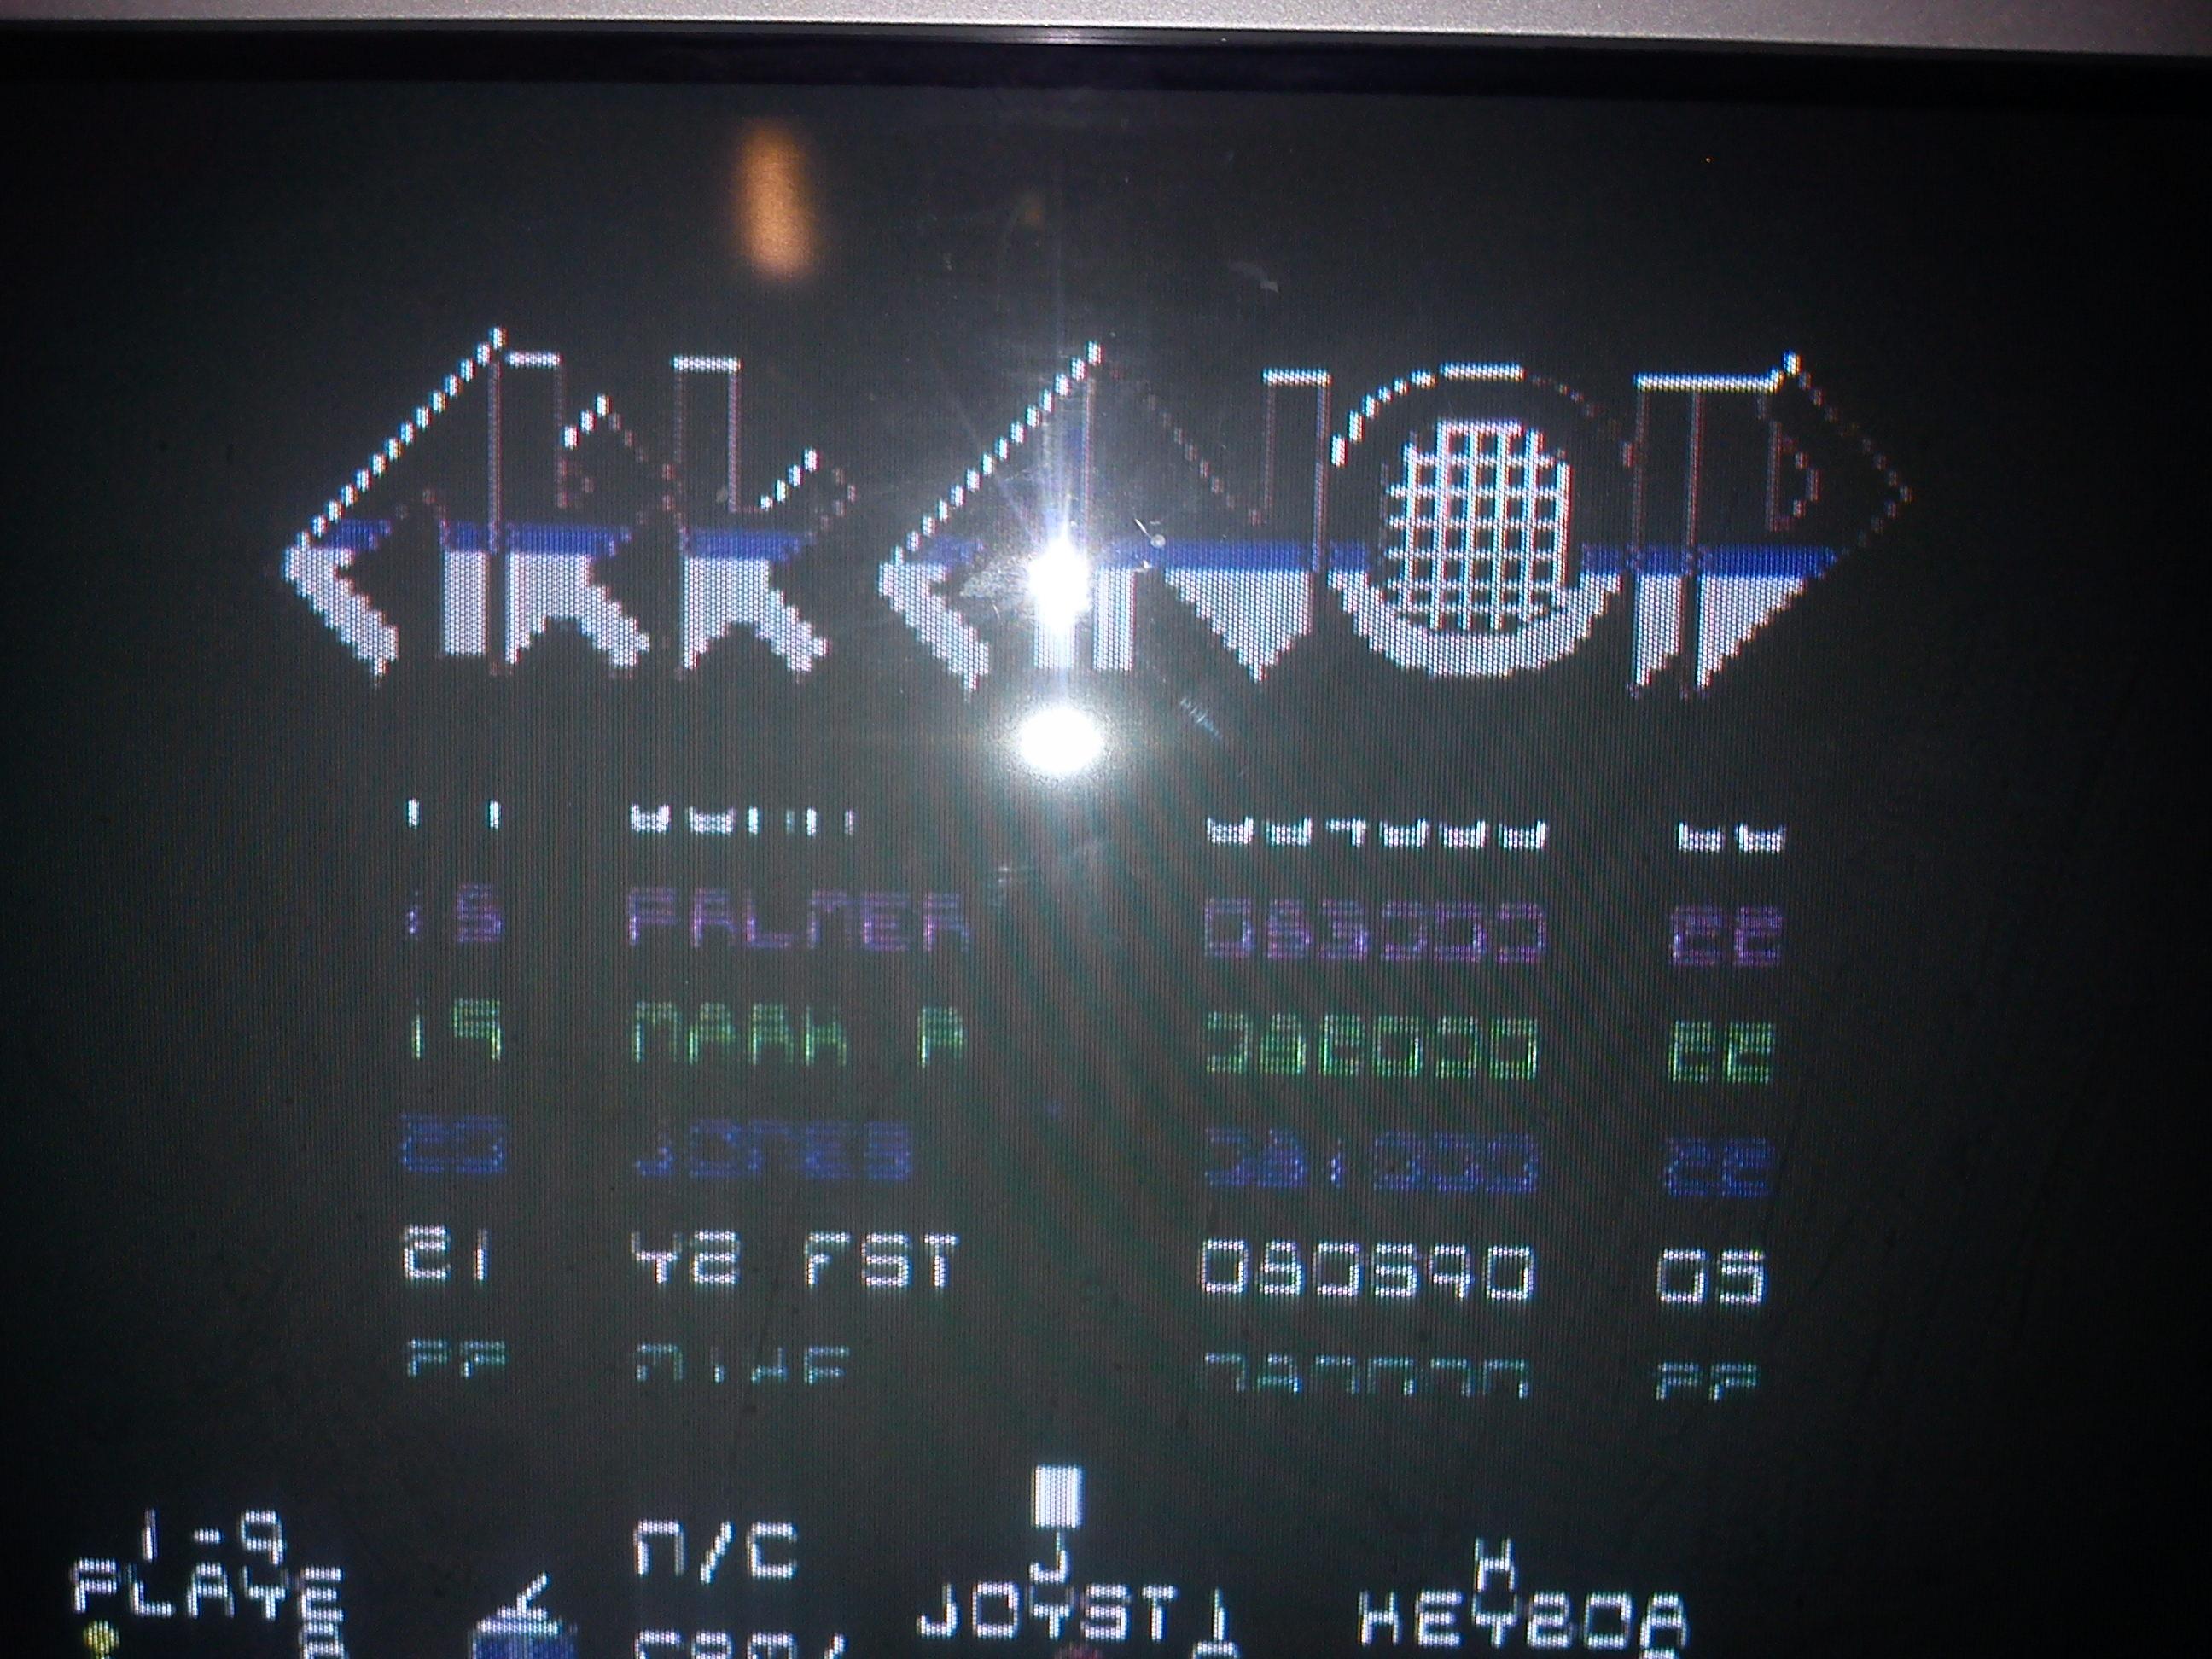 Fr0st: Arkanoid: Revenge of Doh (Commodore 64) 80,640 points on 2014-11-16 15:43:52